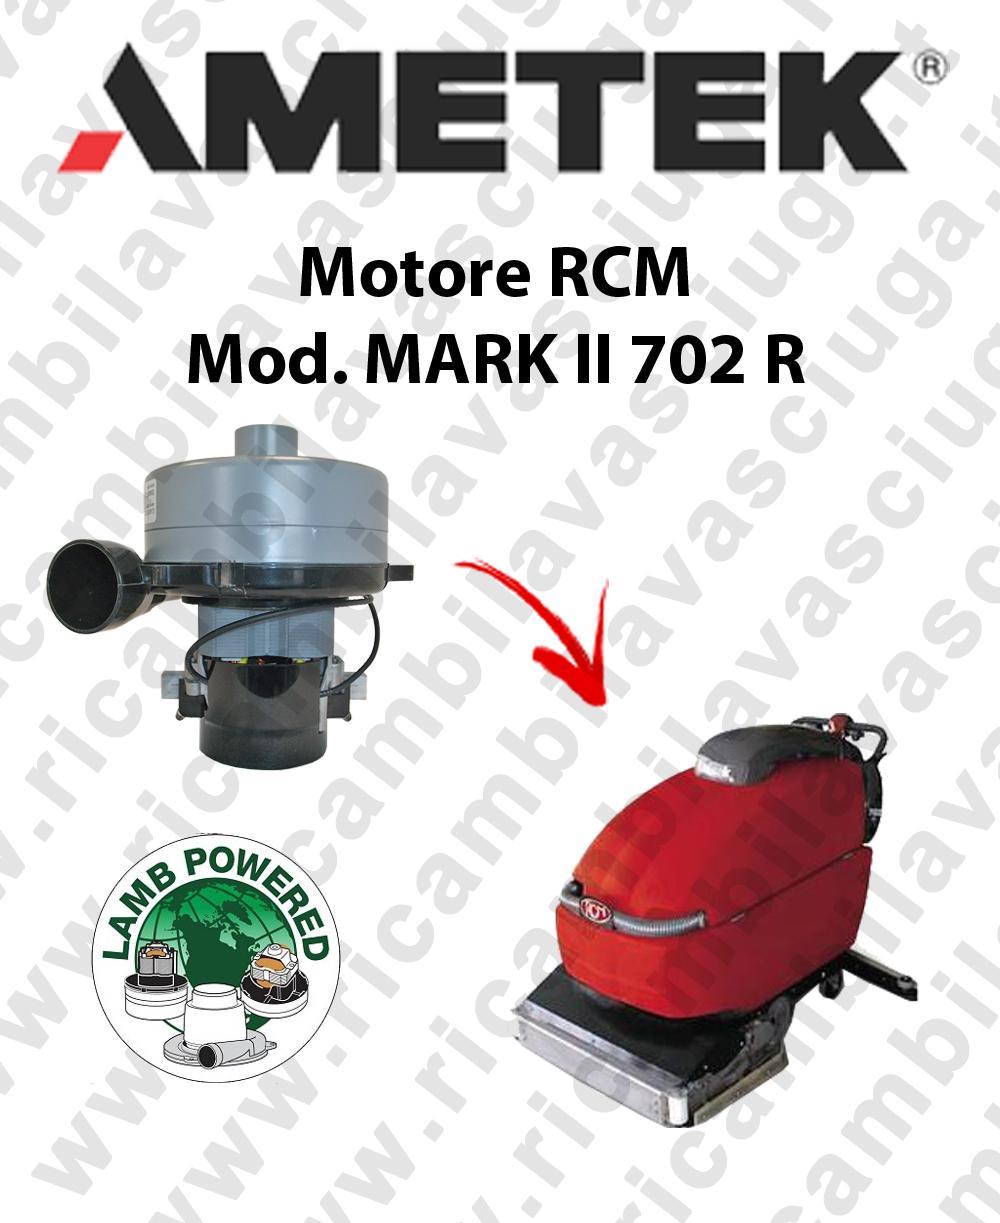 MARK II 702 R MOTEUR ASPIRATION LAMB AMETEK autolaveuses RCM